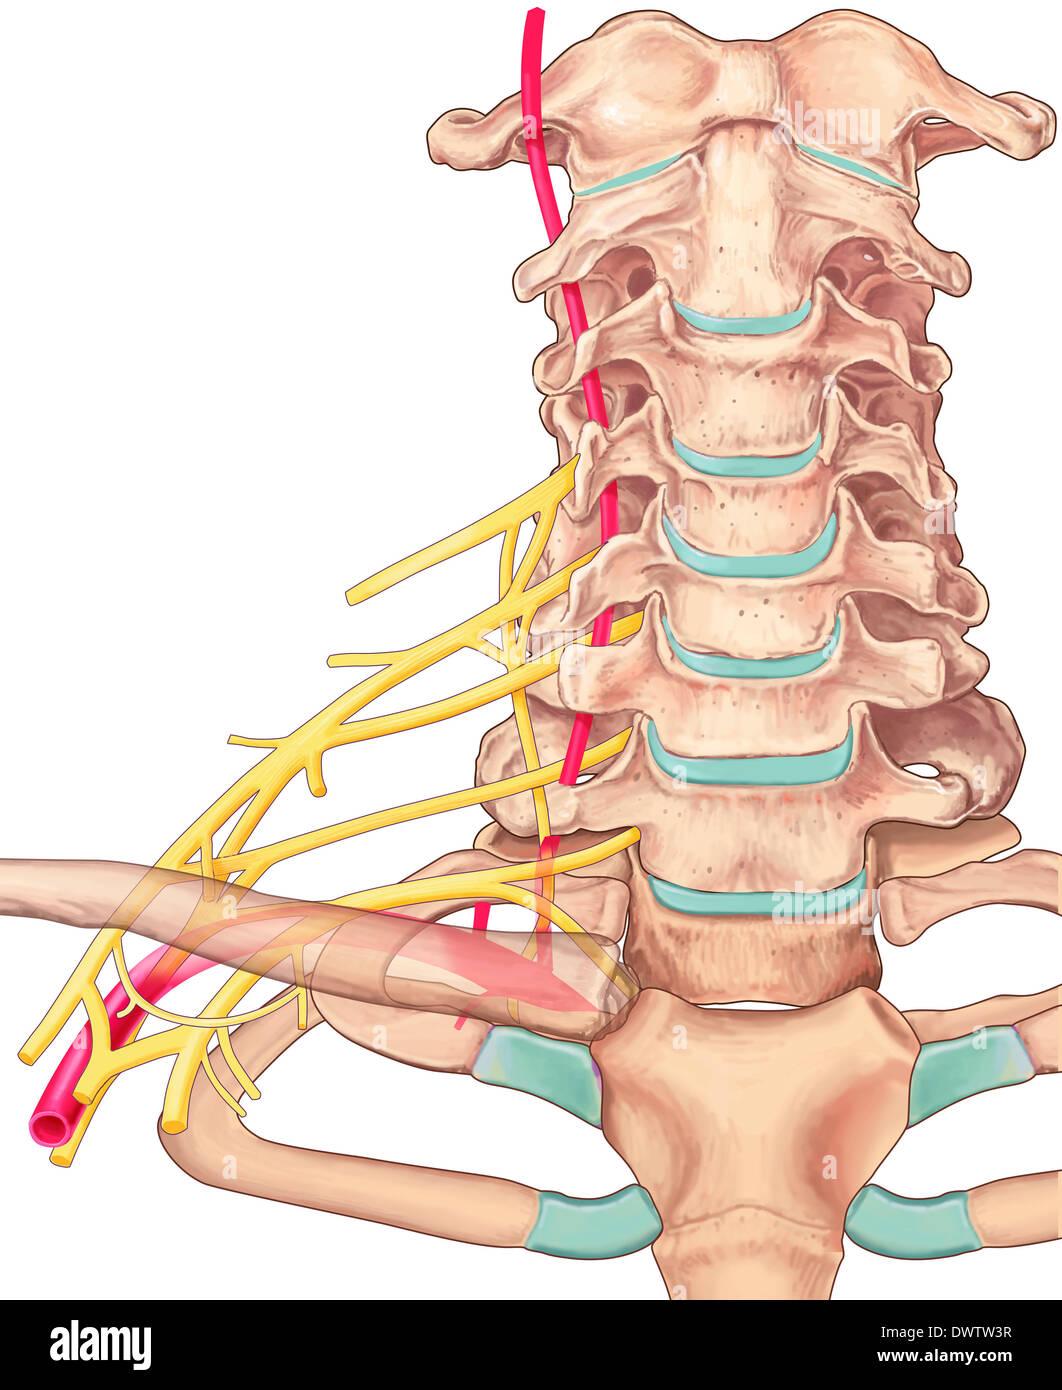 Vértebra cervical dibujo Foto & Imagen De Stock: 67544059 - Alamy